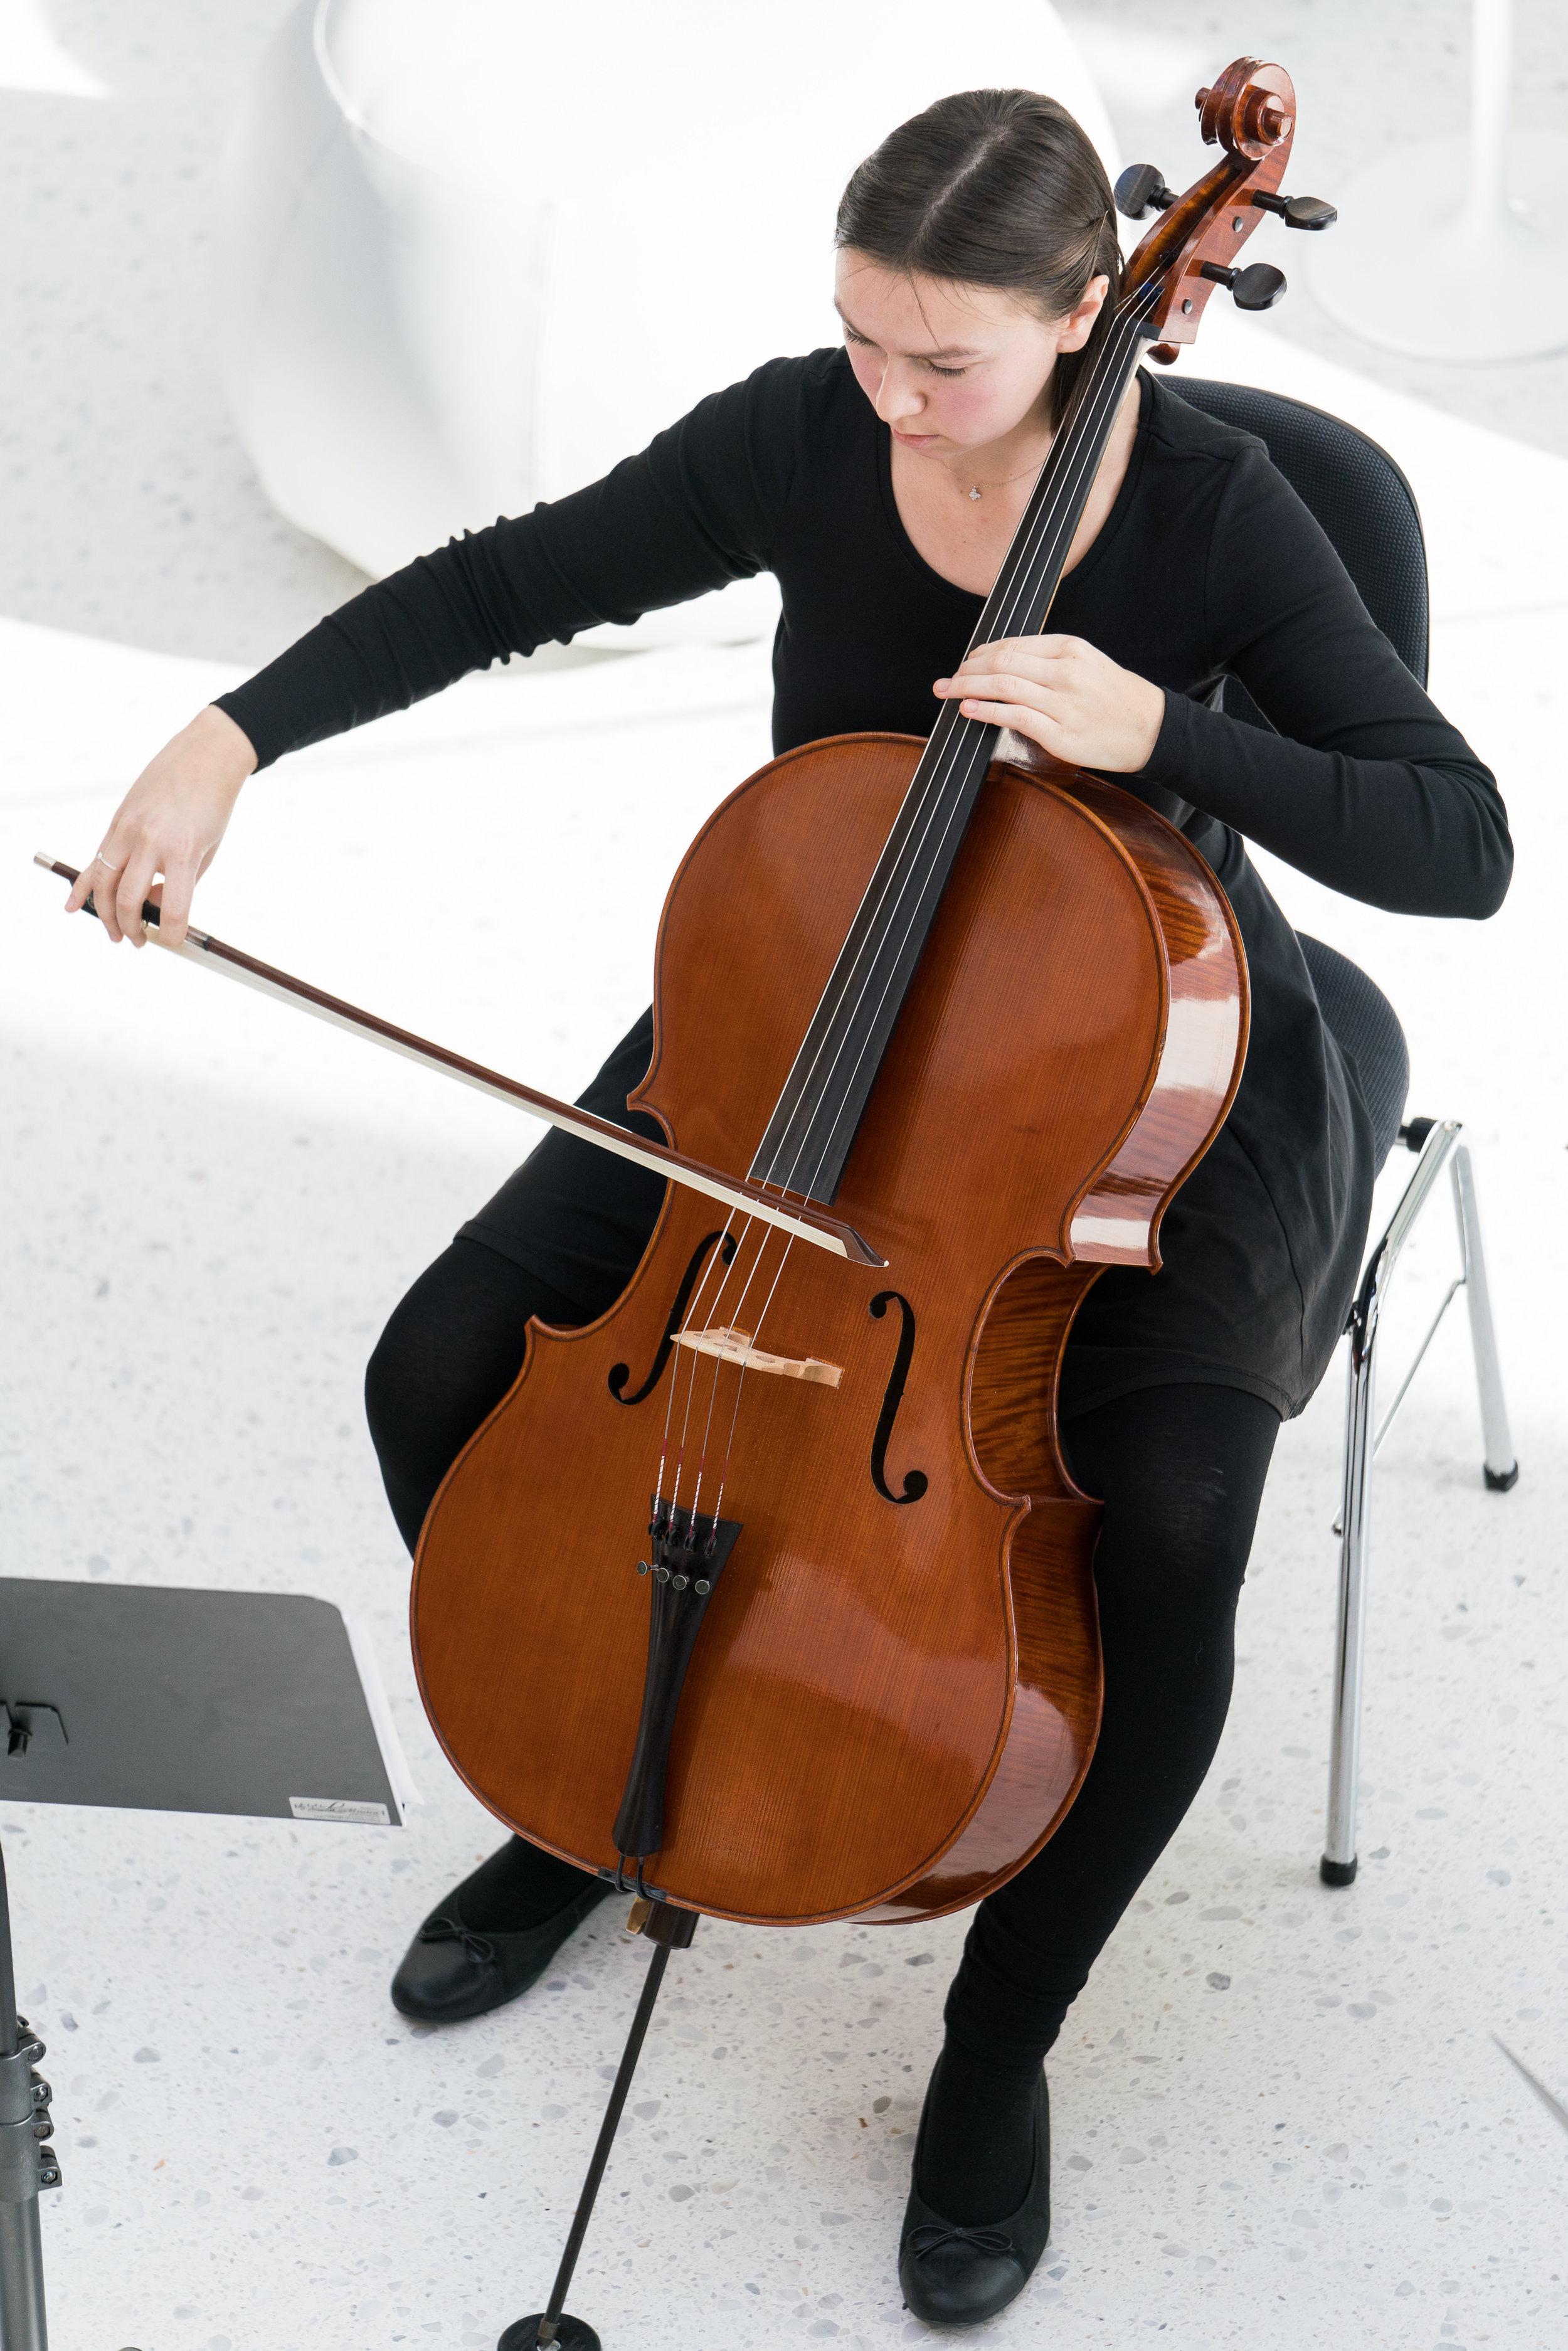 Konzert am Mittag - Cello20180206_033-036.jpg